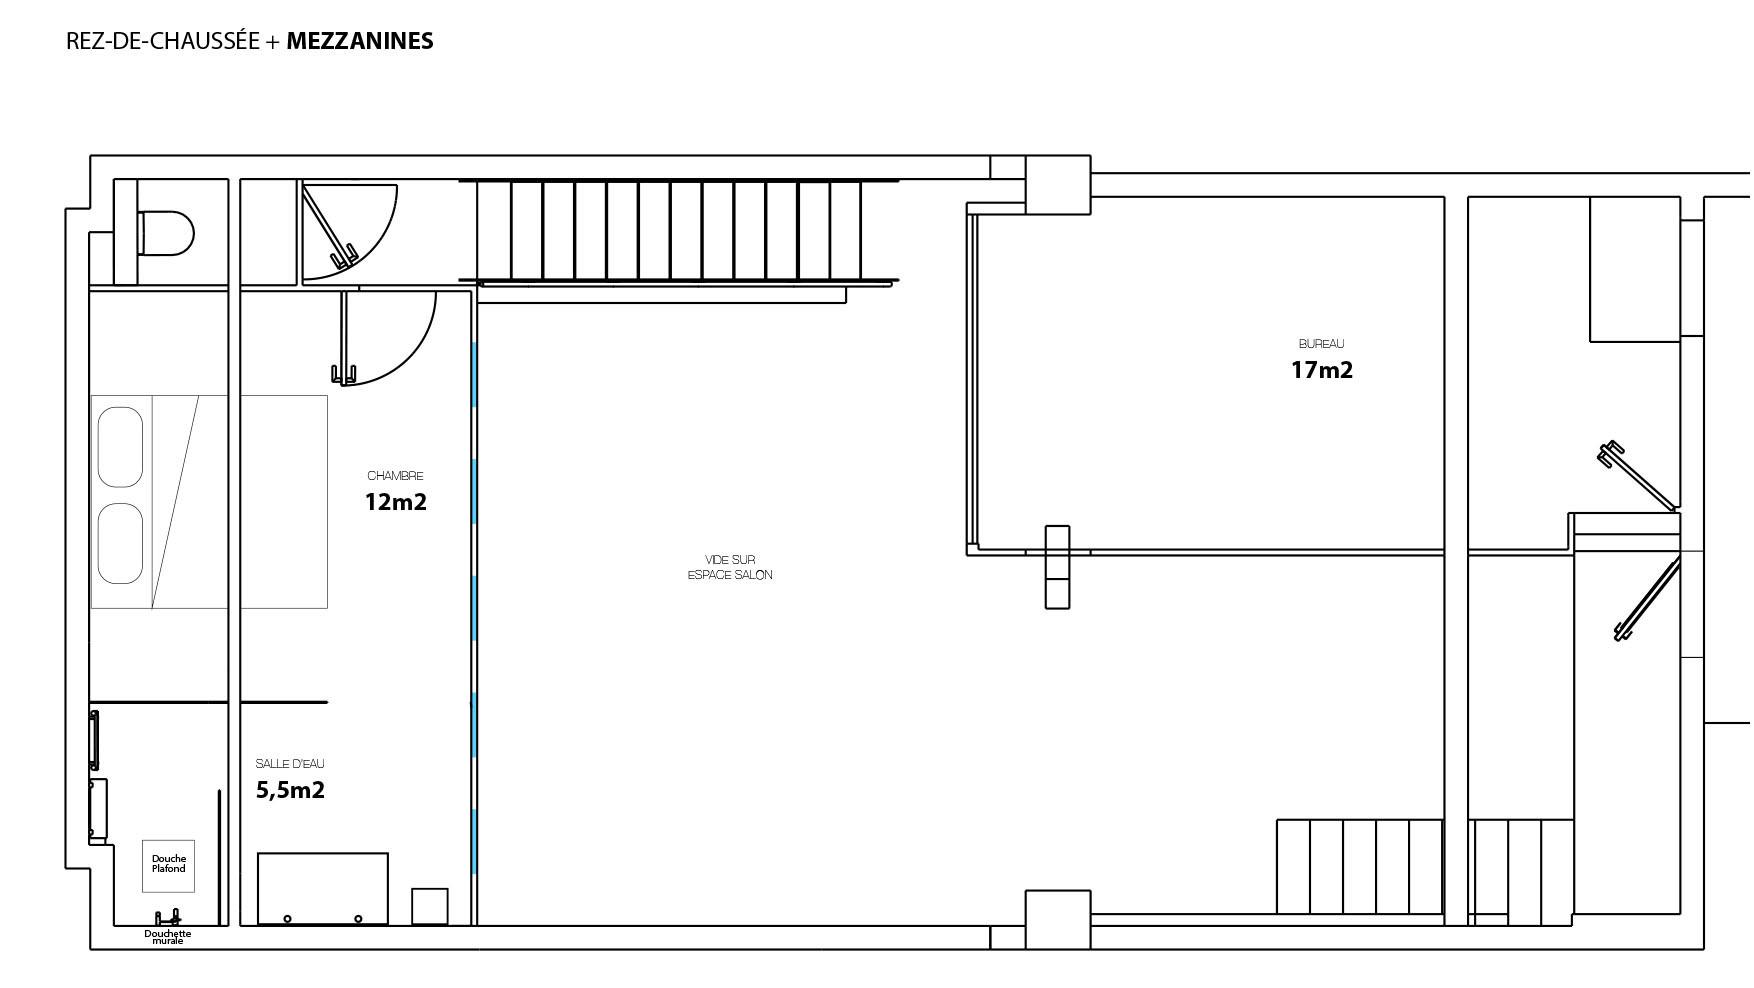 Plan du projet - mezzanines